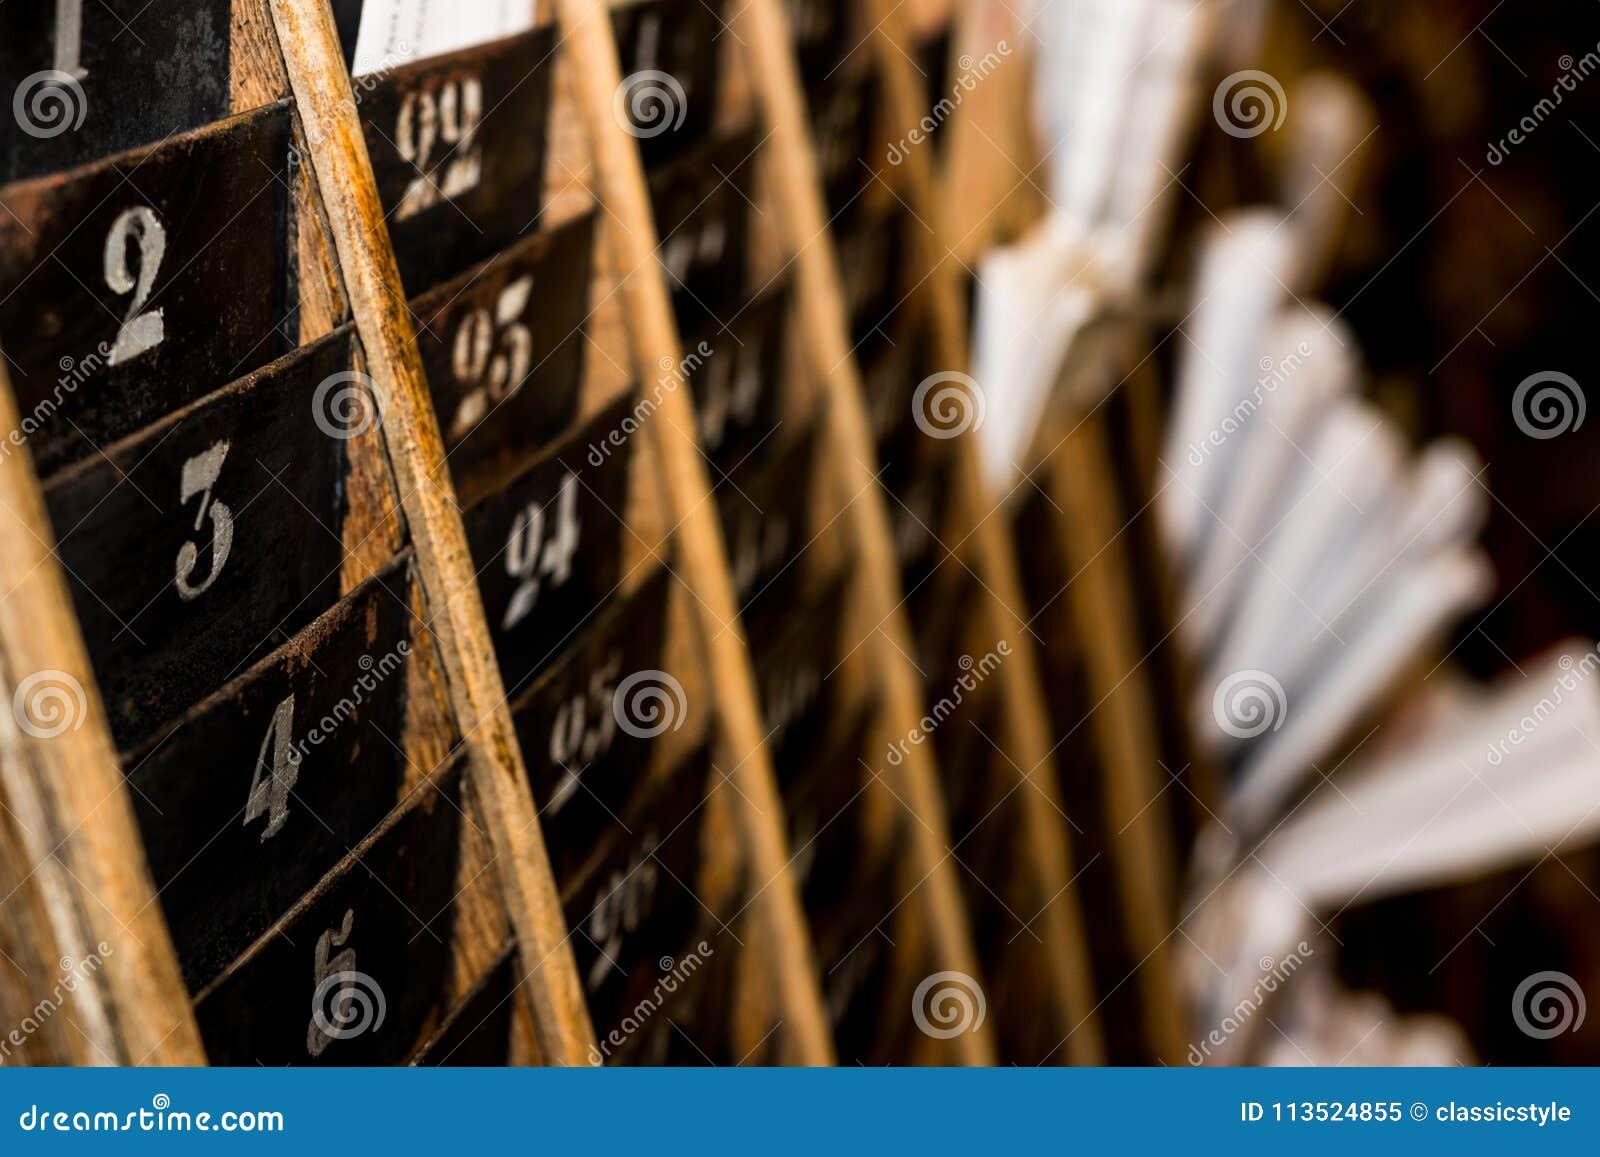 被编号的老和退色的时钟打孔卡墙壁机架